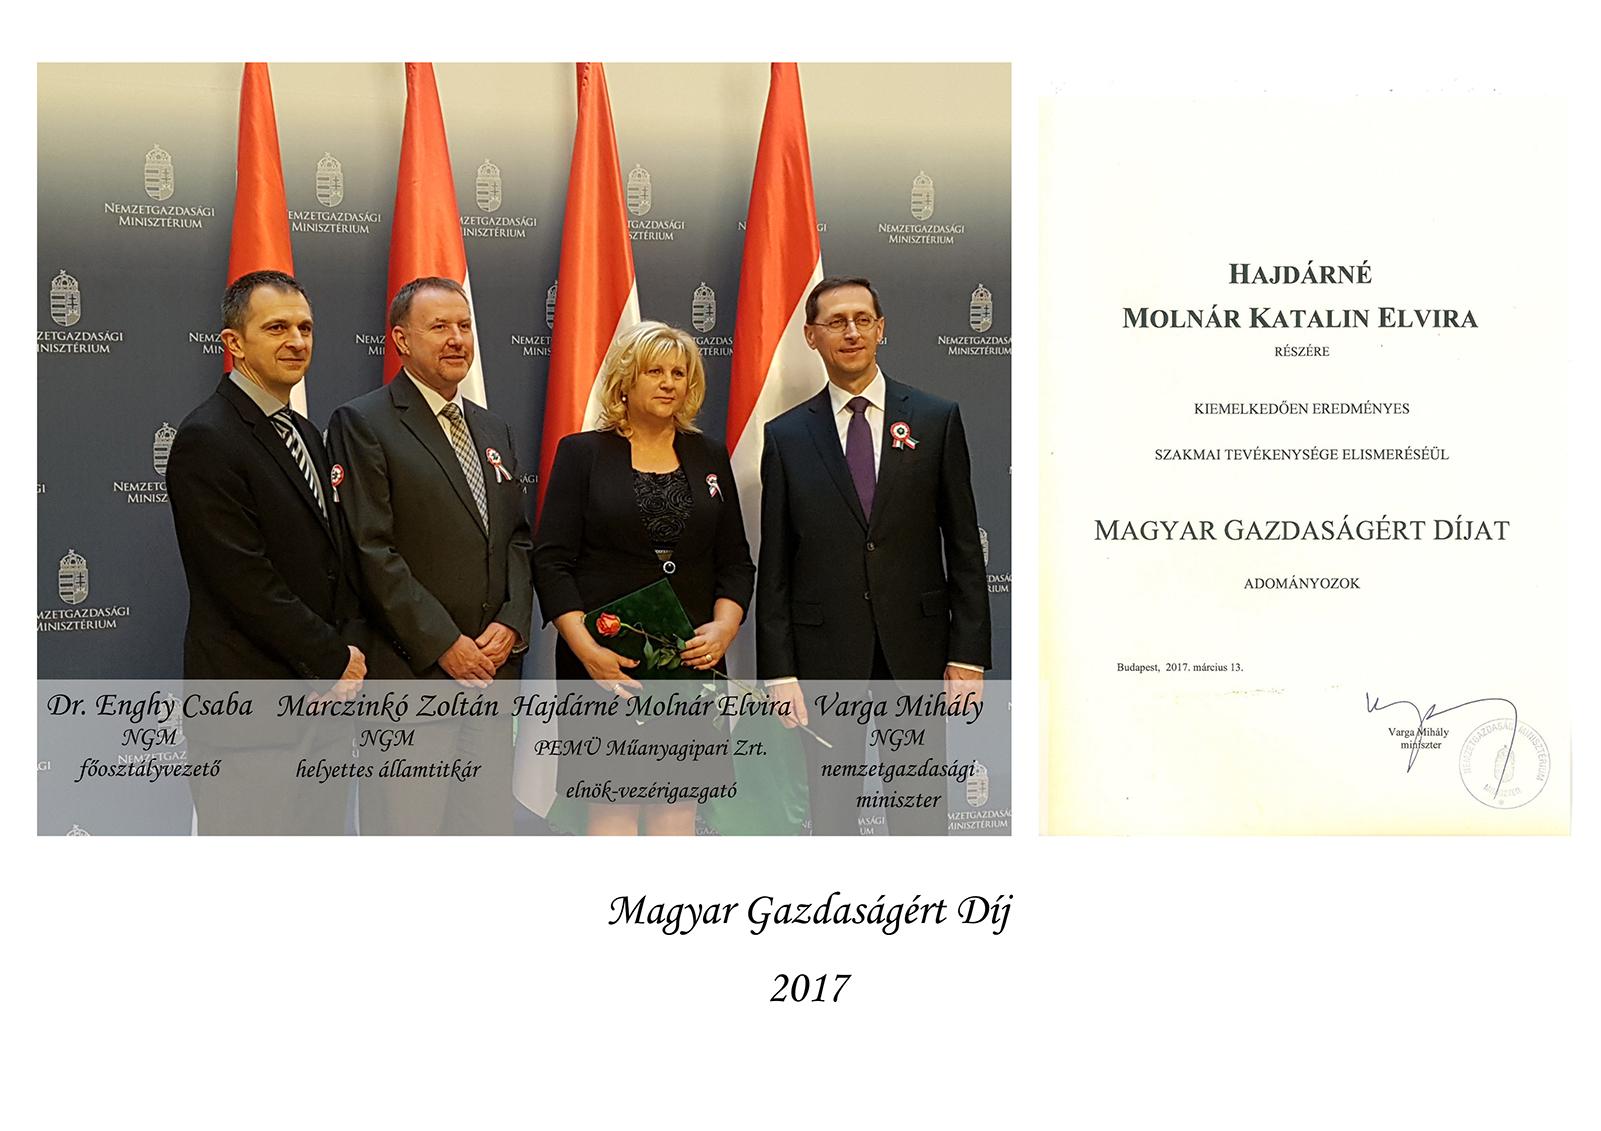 Magyar Gazdaságért Díj 2017